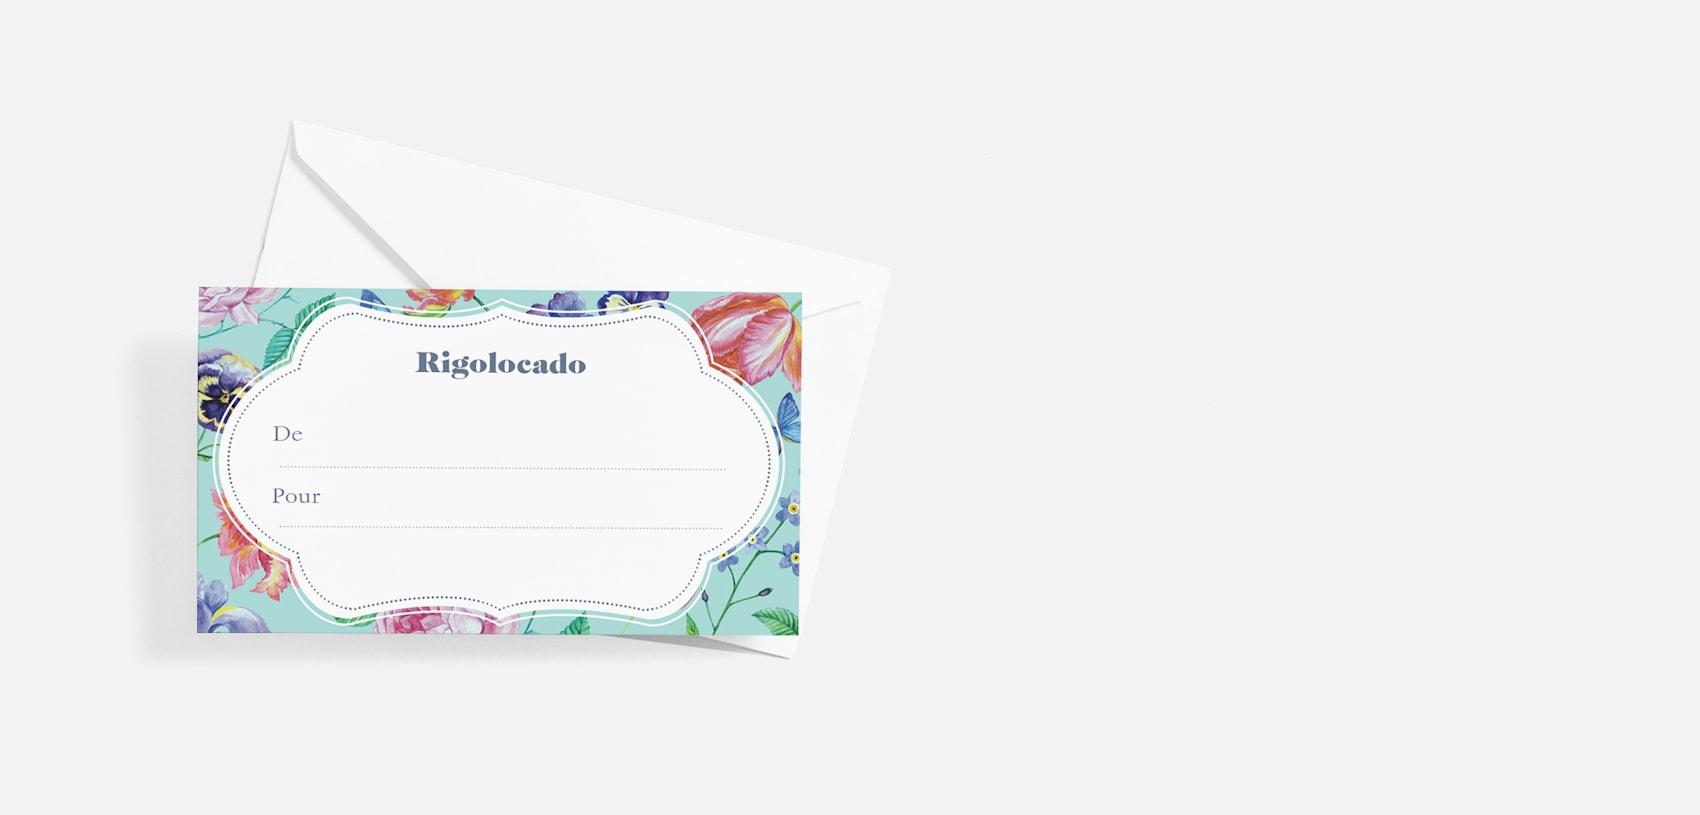 étiquette cadeau personnalisée avec enveloppe